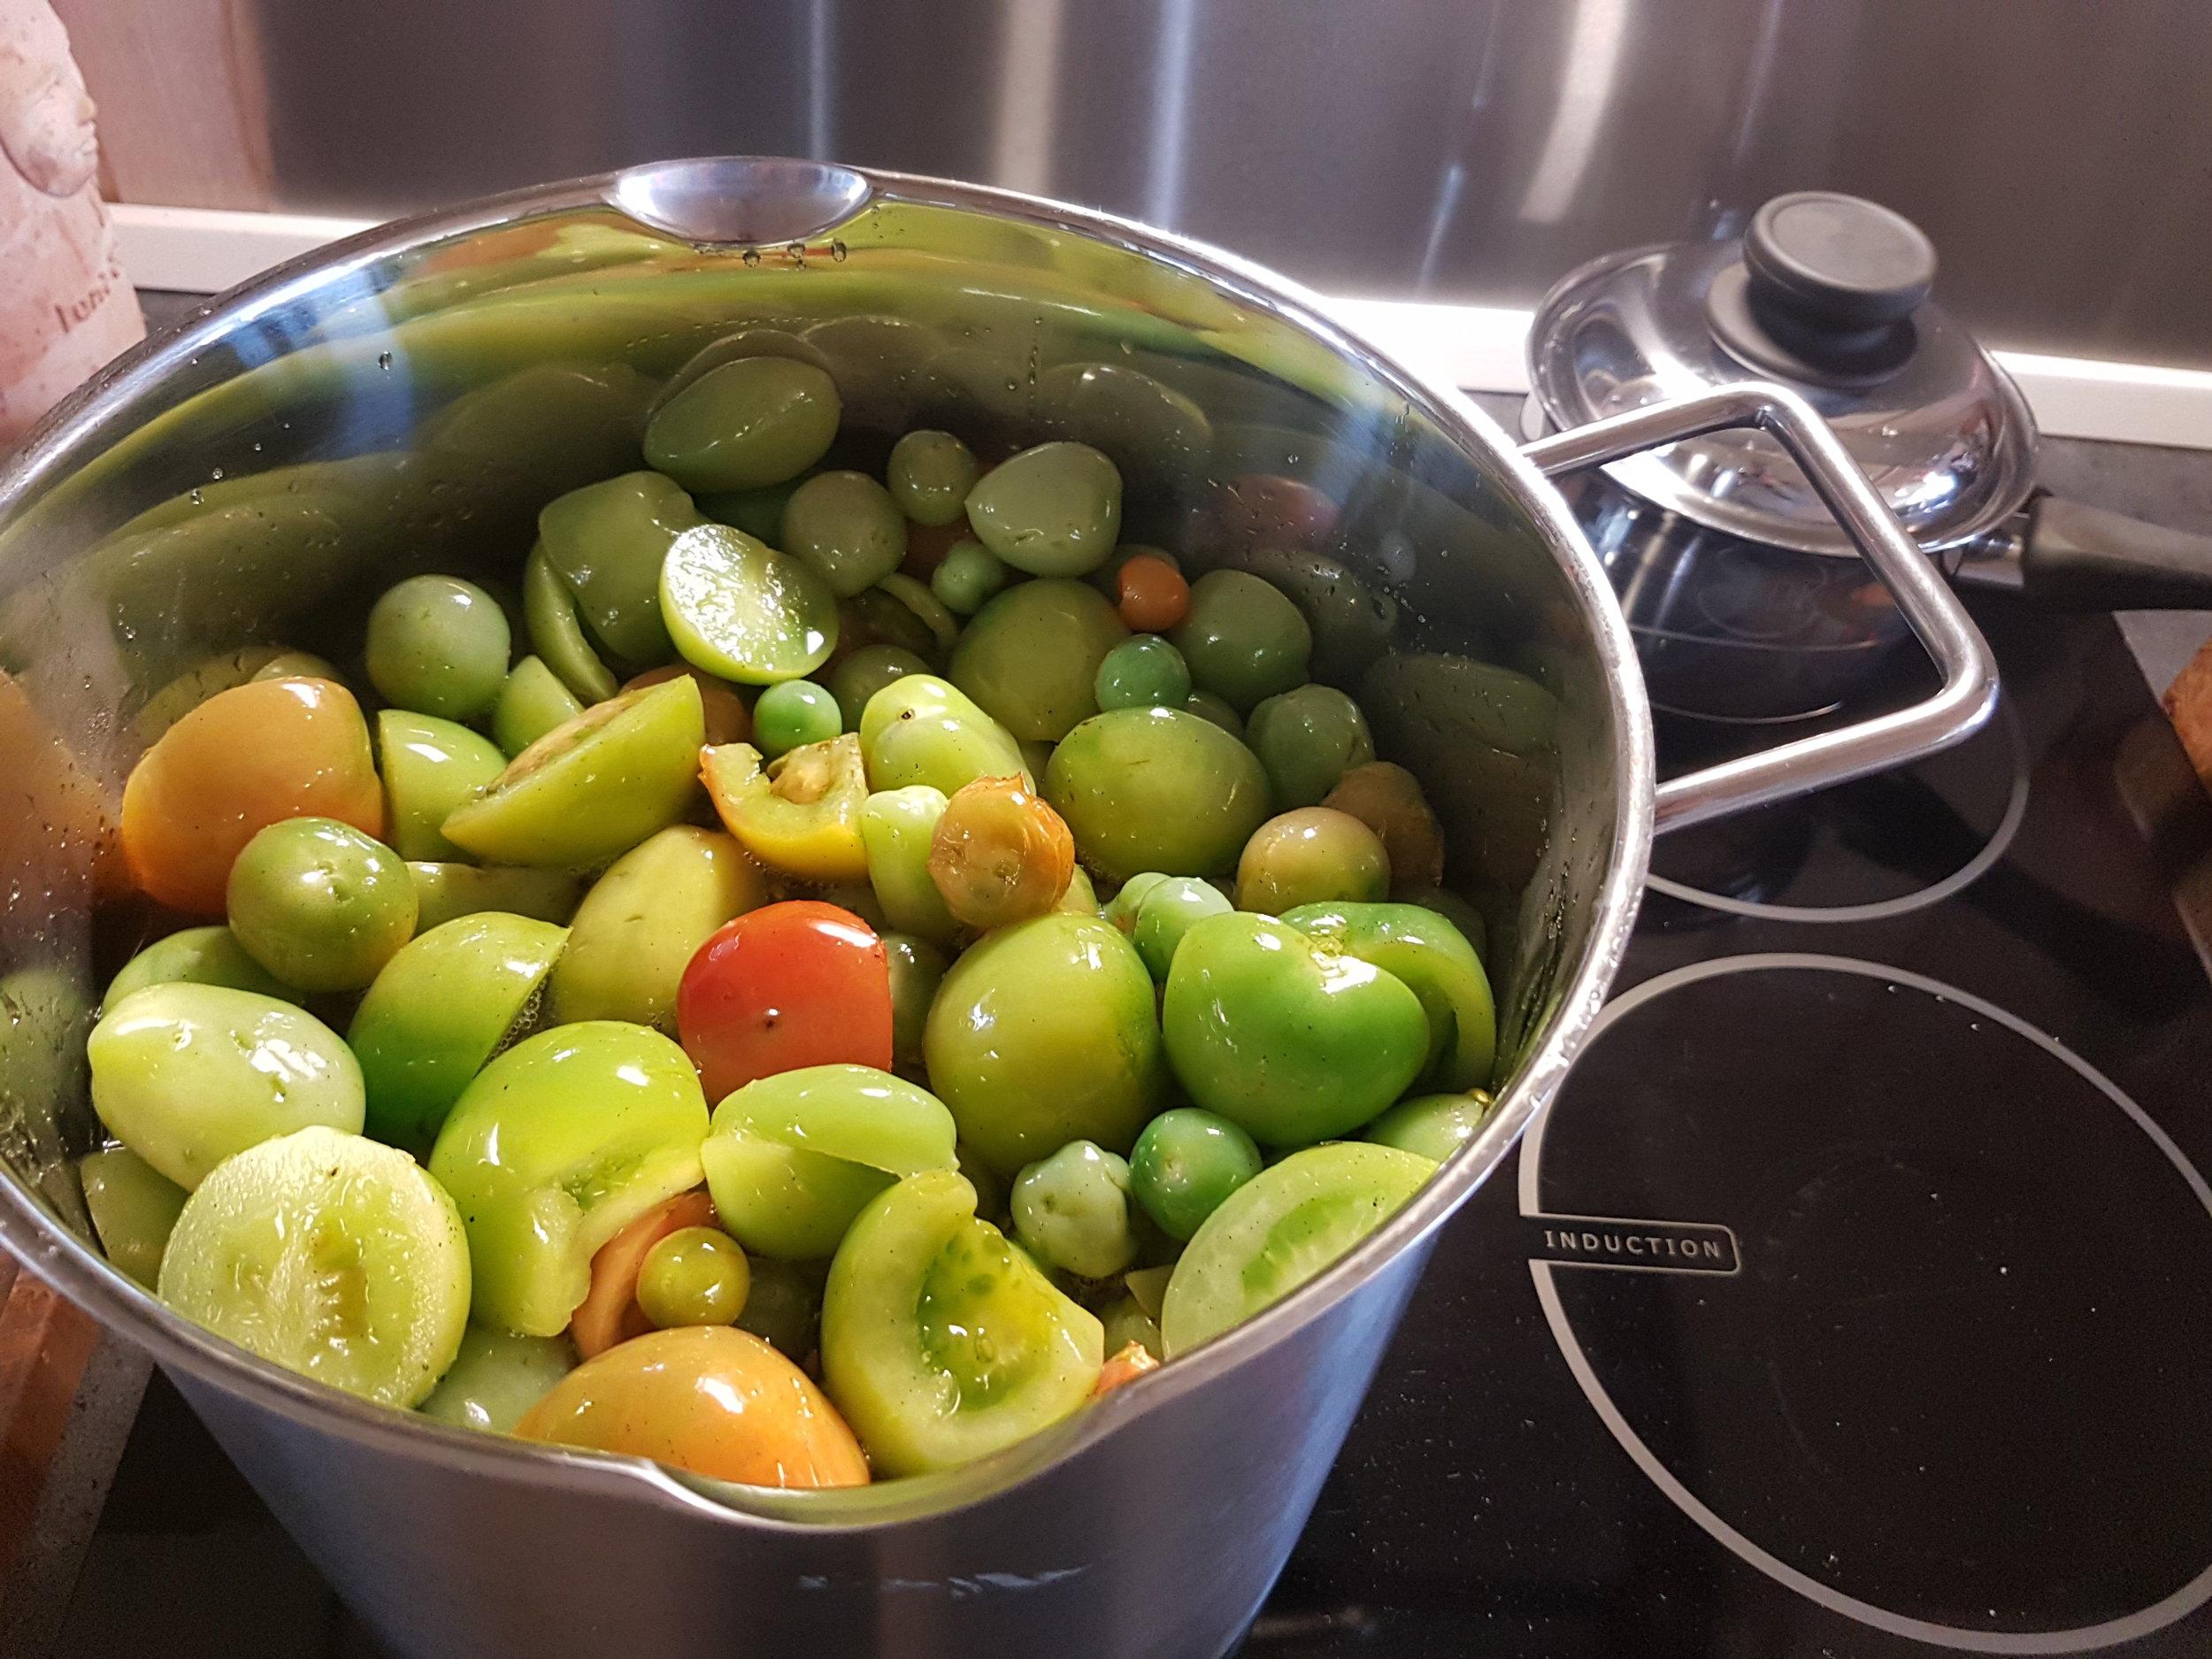 Syltning af grønne tomater